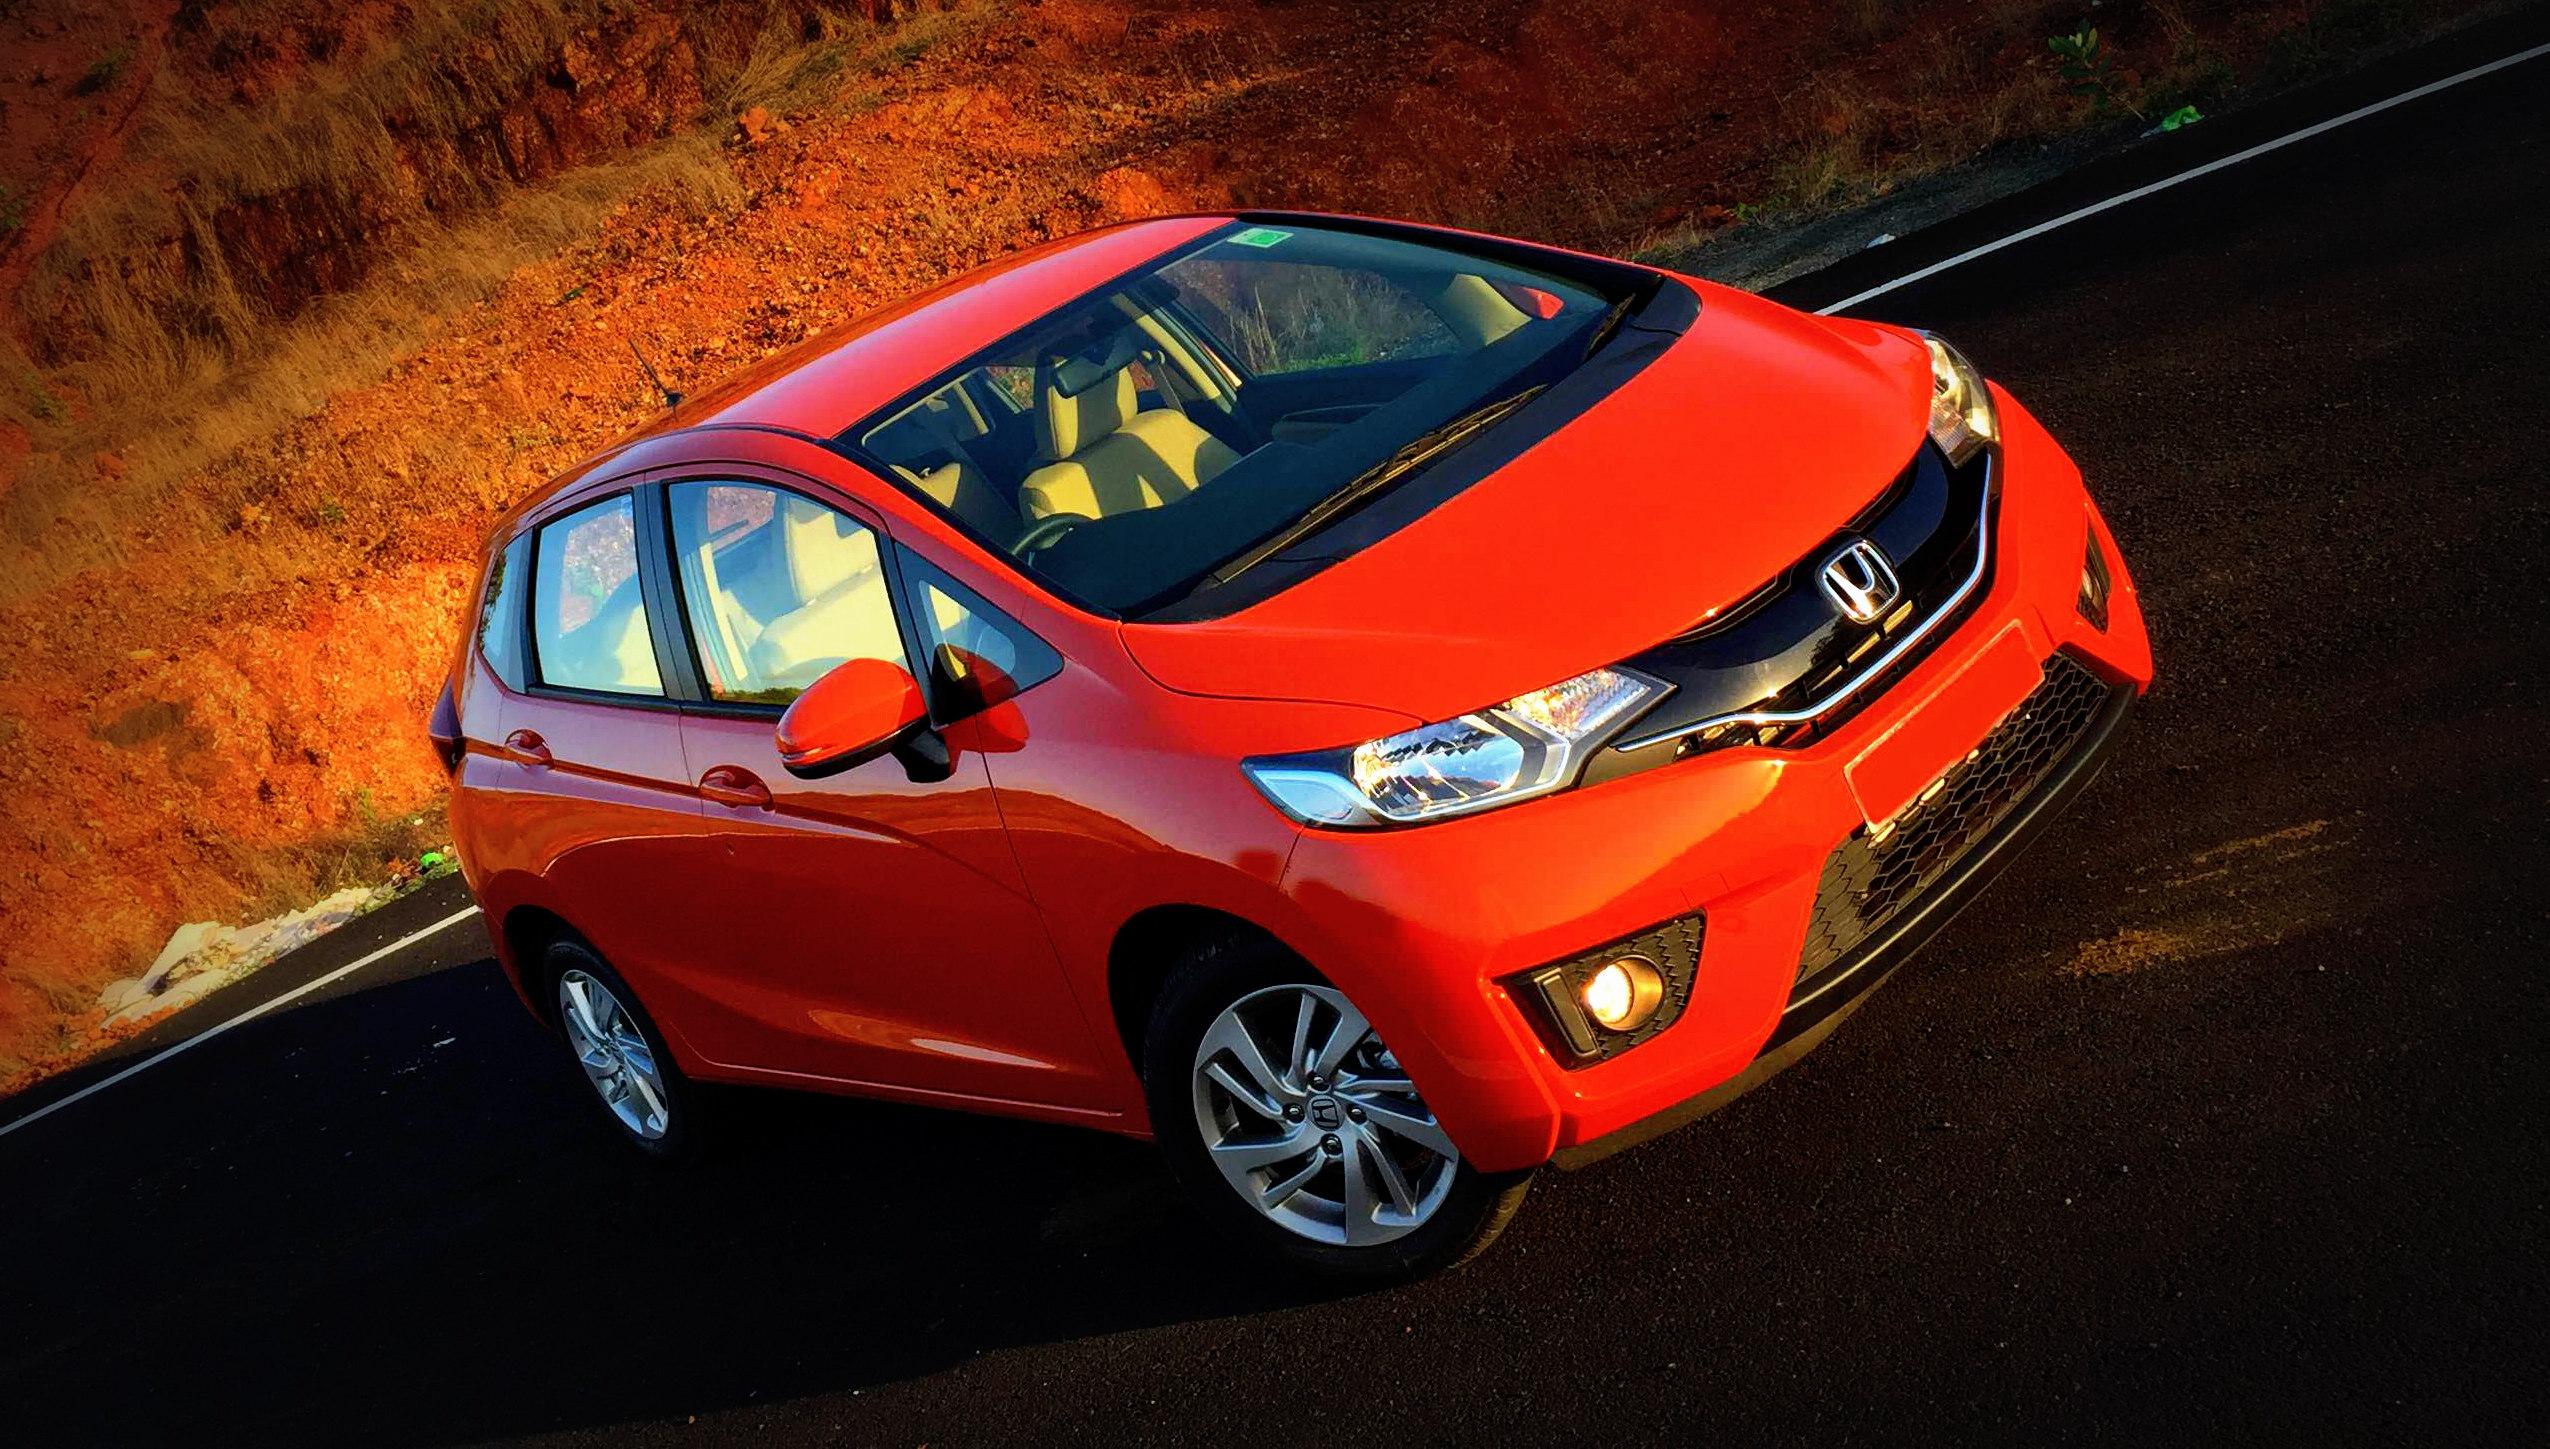 Kelebihan Kekurangan Honda Jazz Bekas Spesifikasi